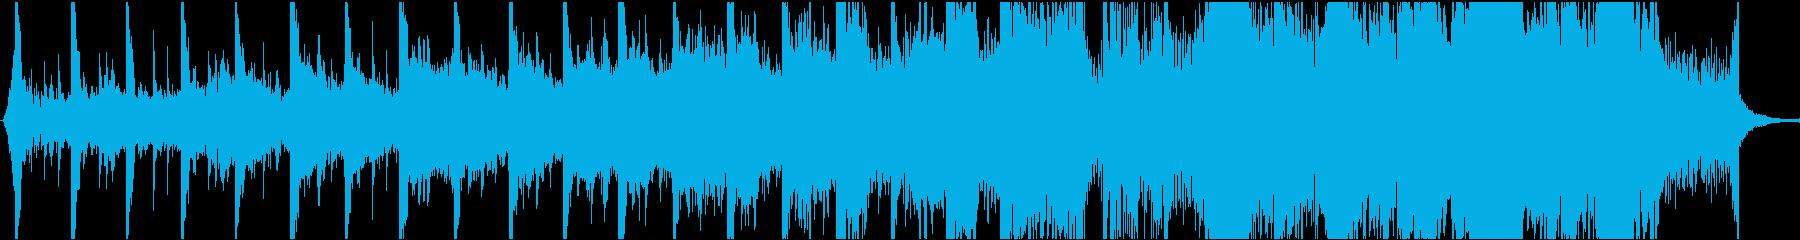 現代的 交響曲 エレクトロ アンビ...の再生済みの波形